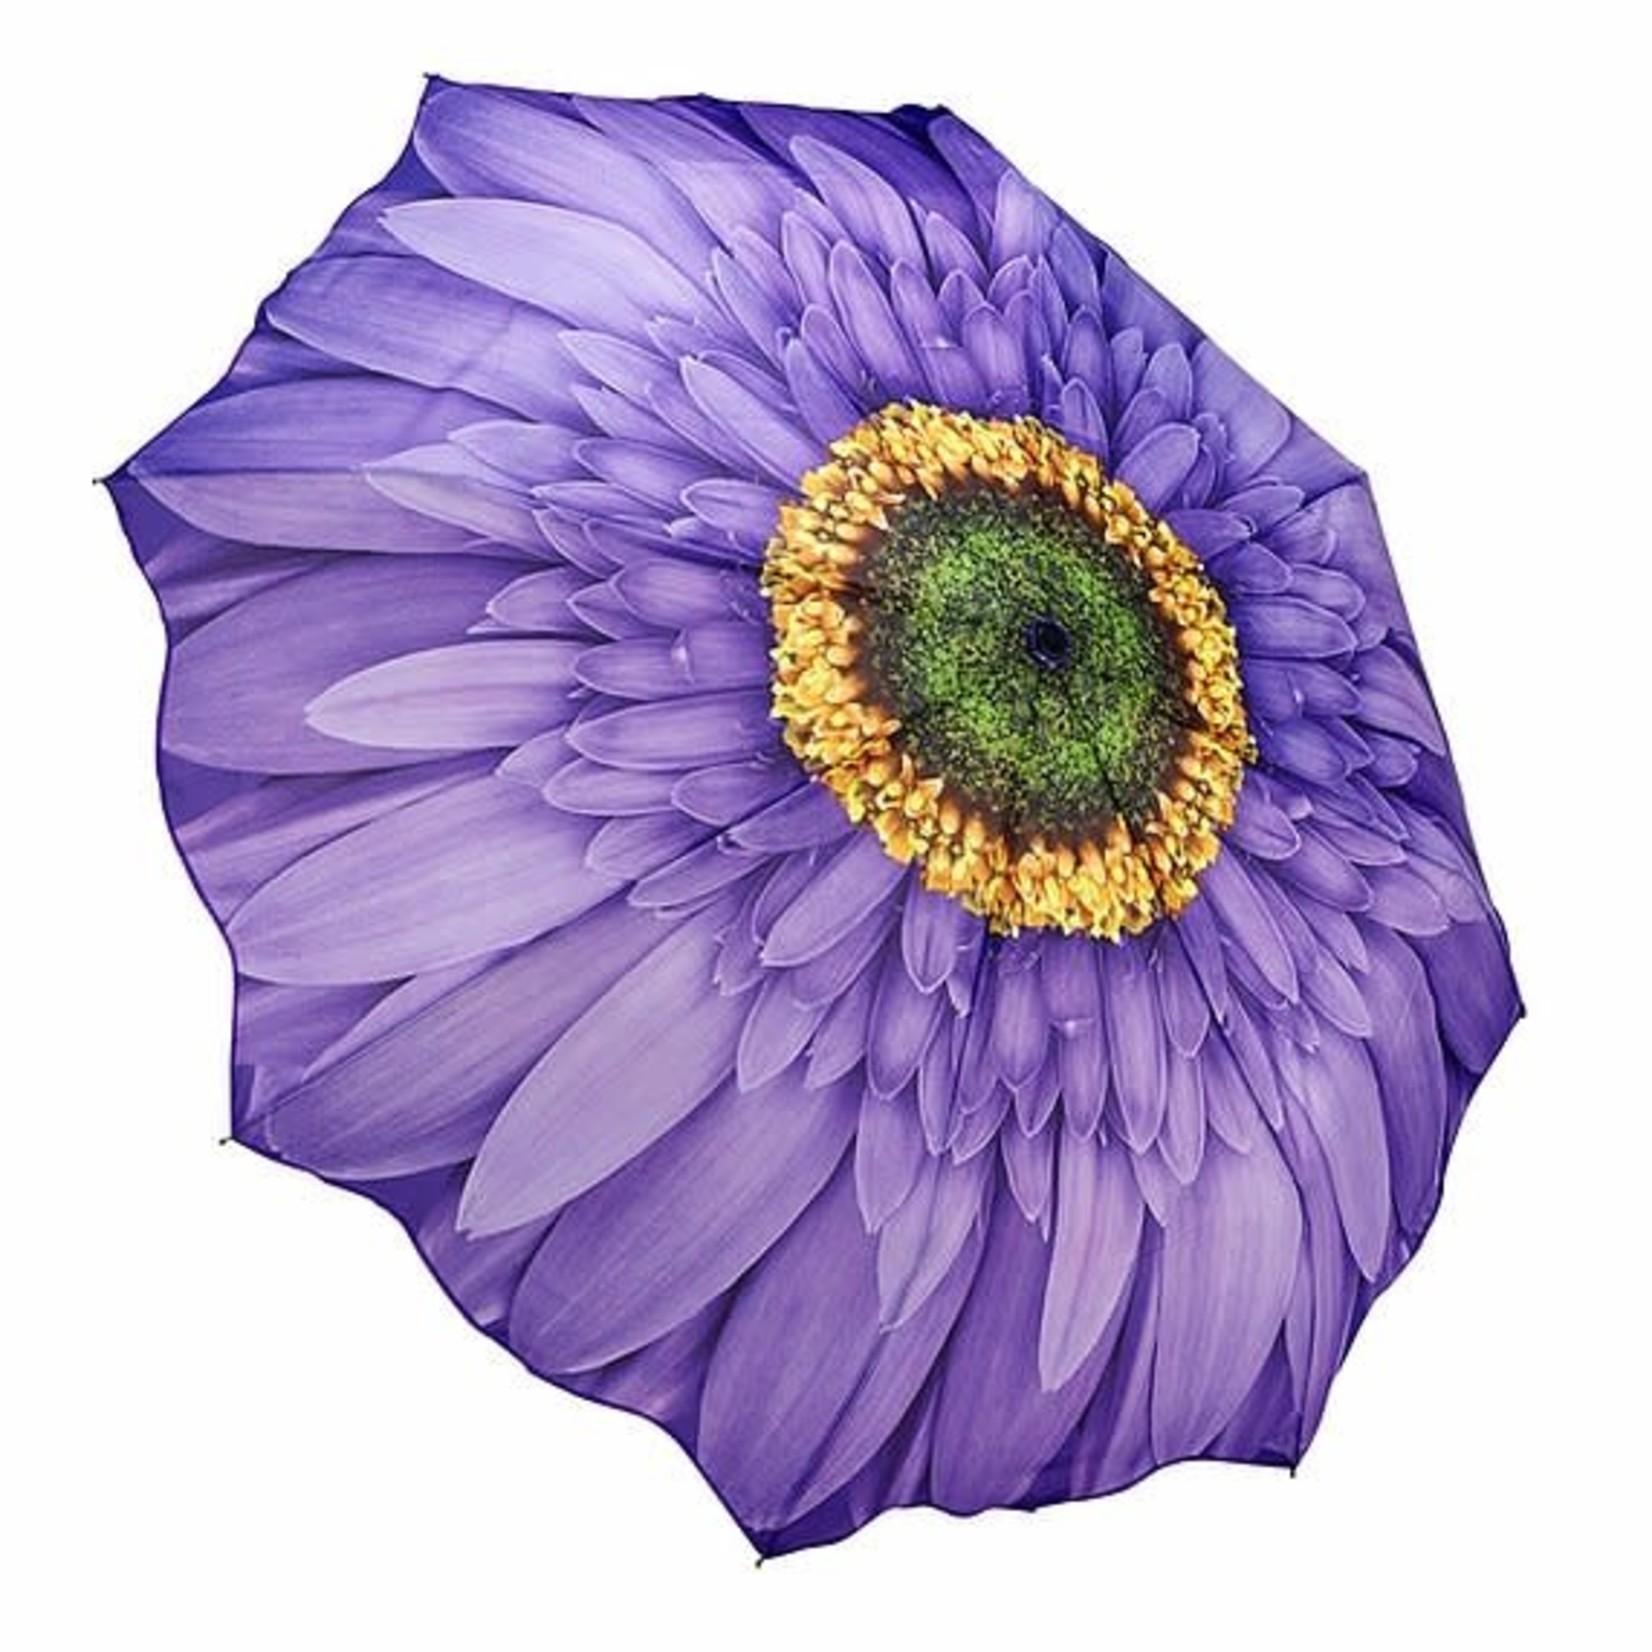 Purple (Wisteria) Daisy Folding Umbrella